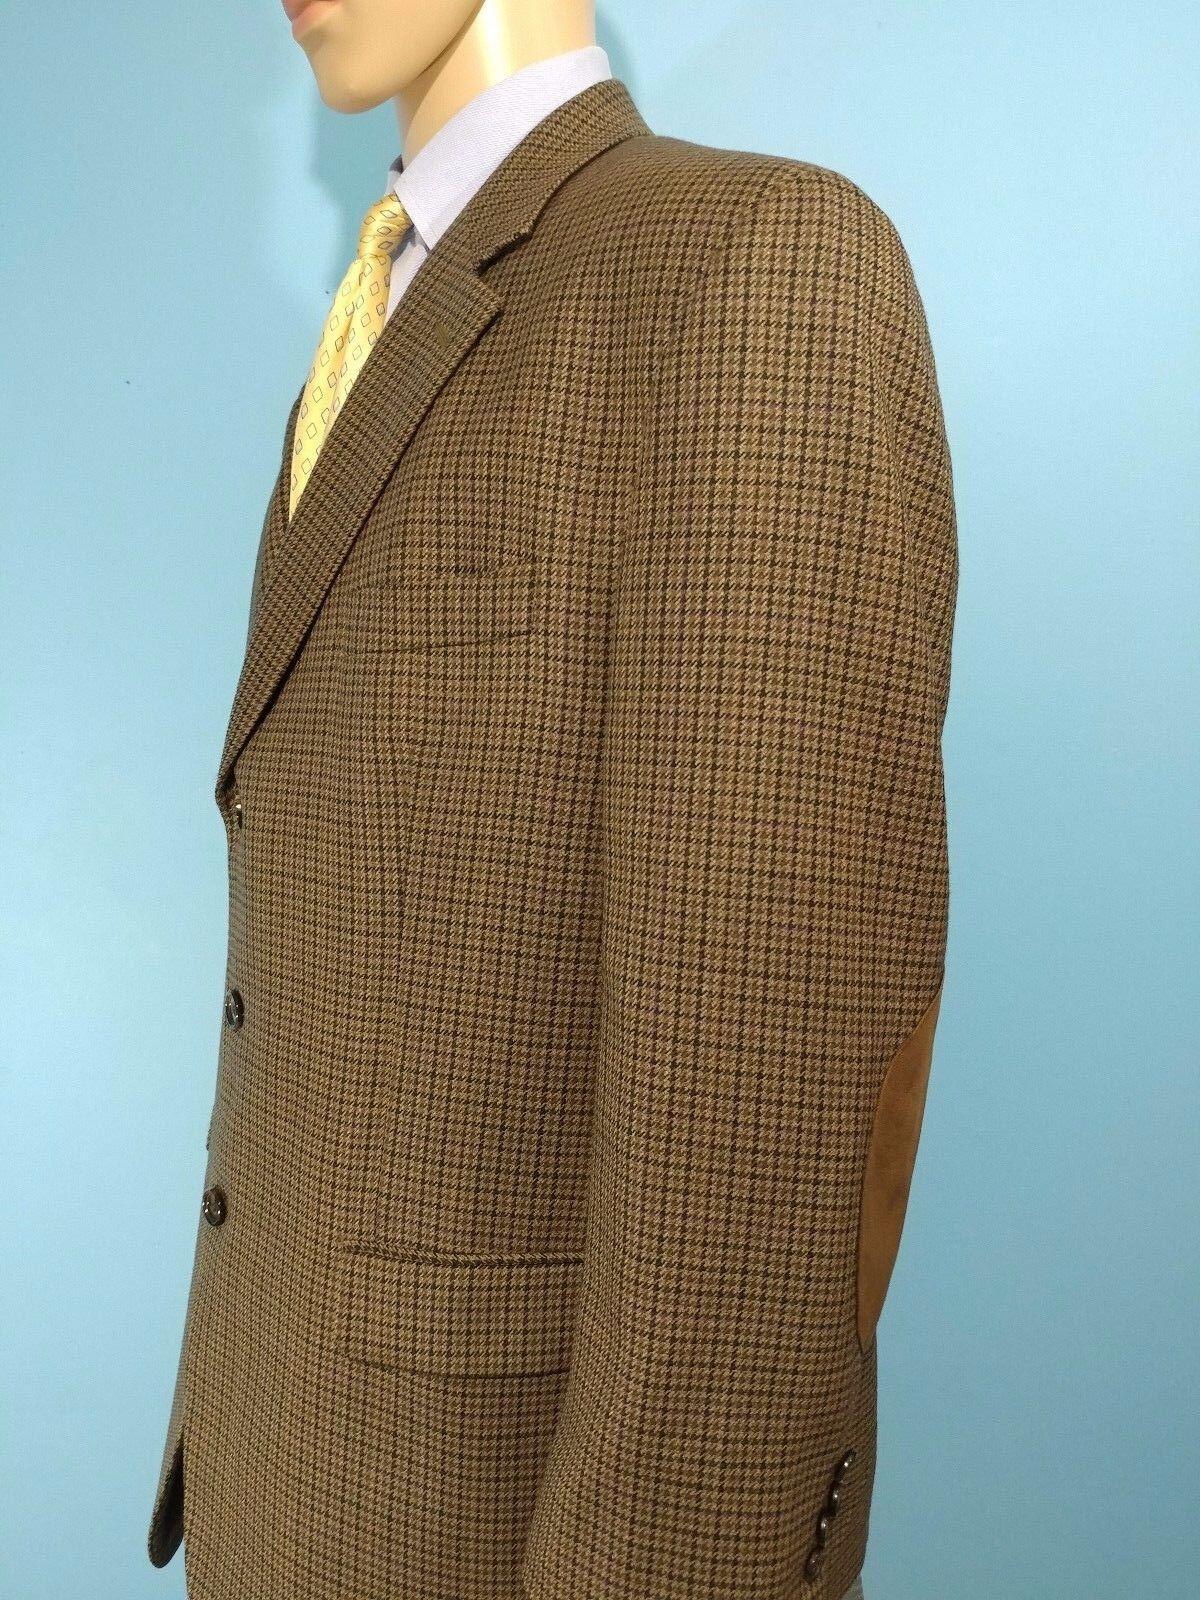 Ralph Ralph Lauren 3 Button Houndstooth Padded Elbows Blazer Sports Coat Größe 46